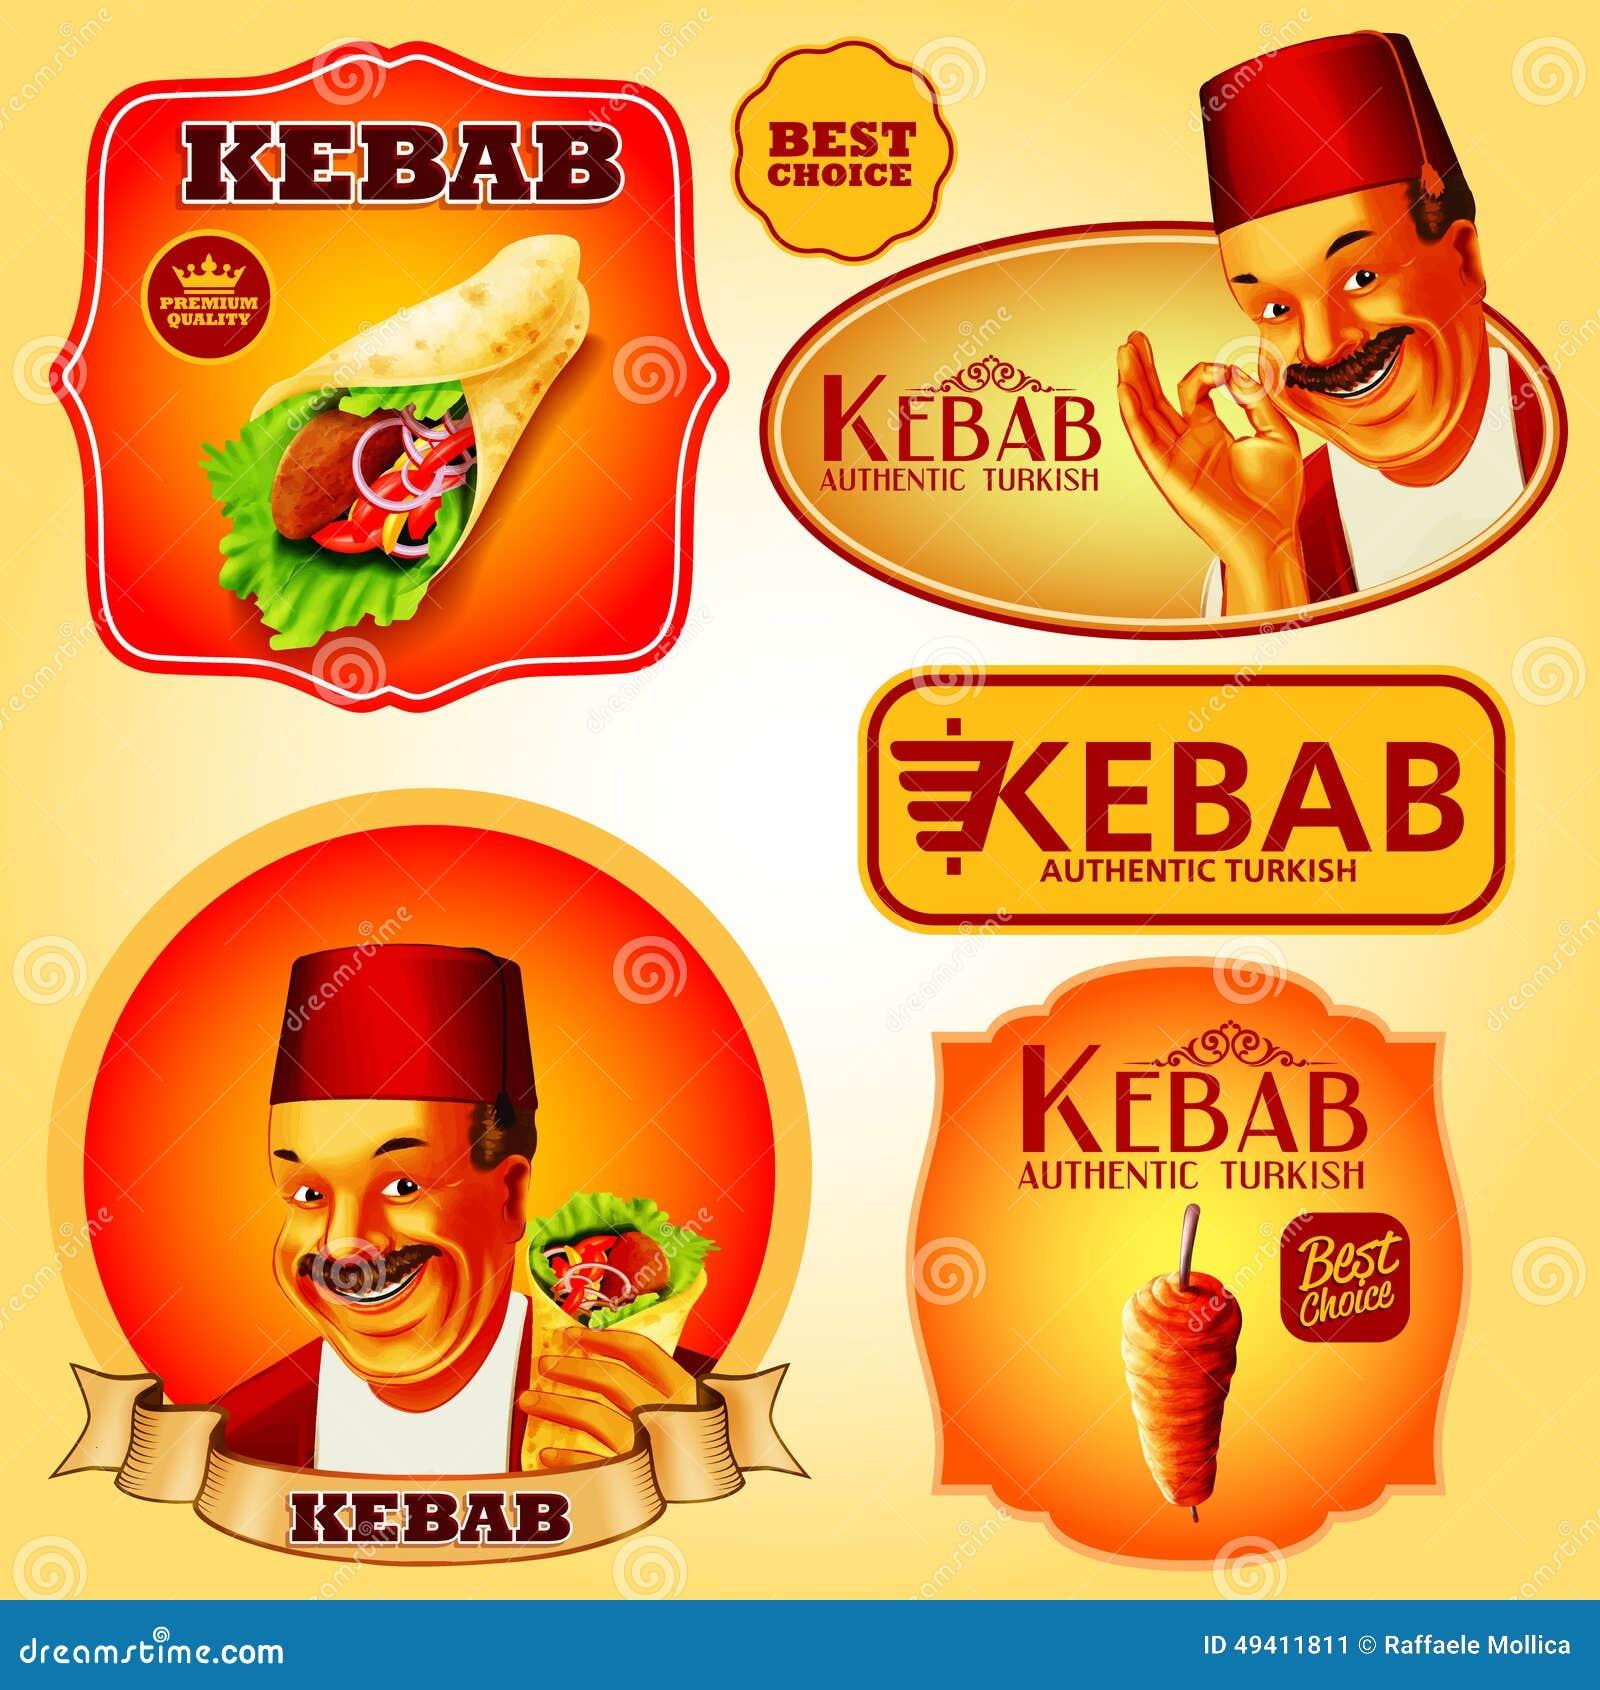 Download Kebabaufkleber vektor abbildung. Illustration von braun - 49411811